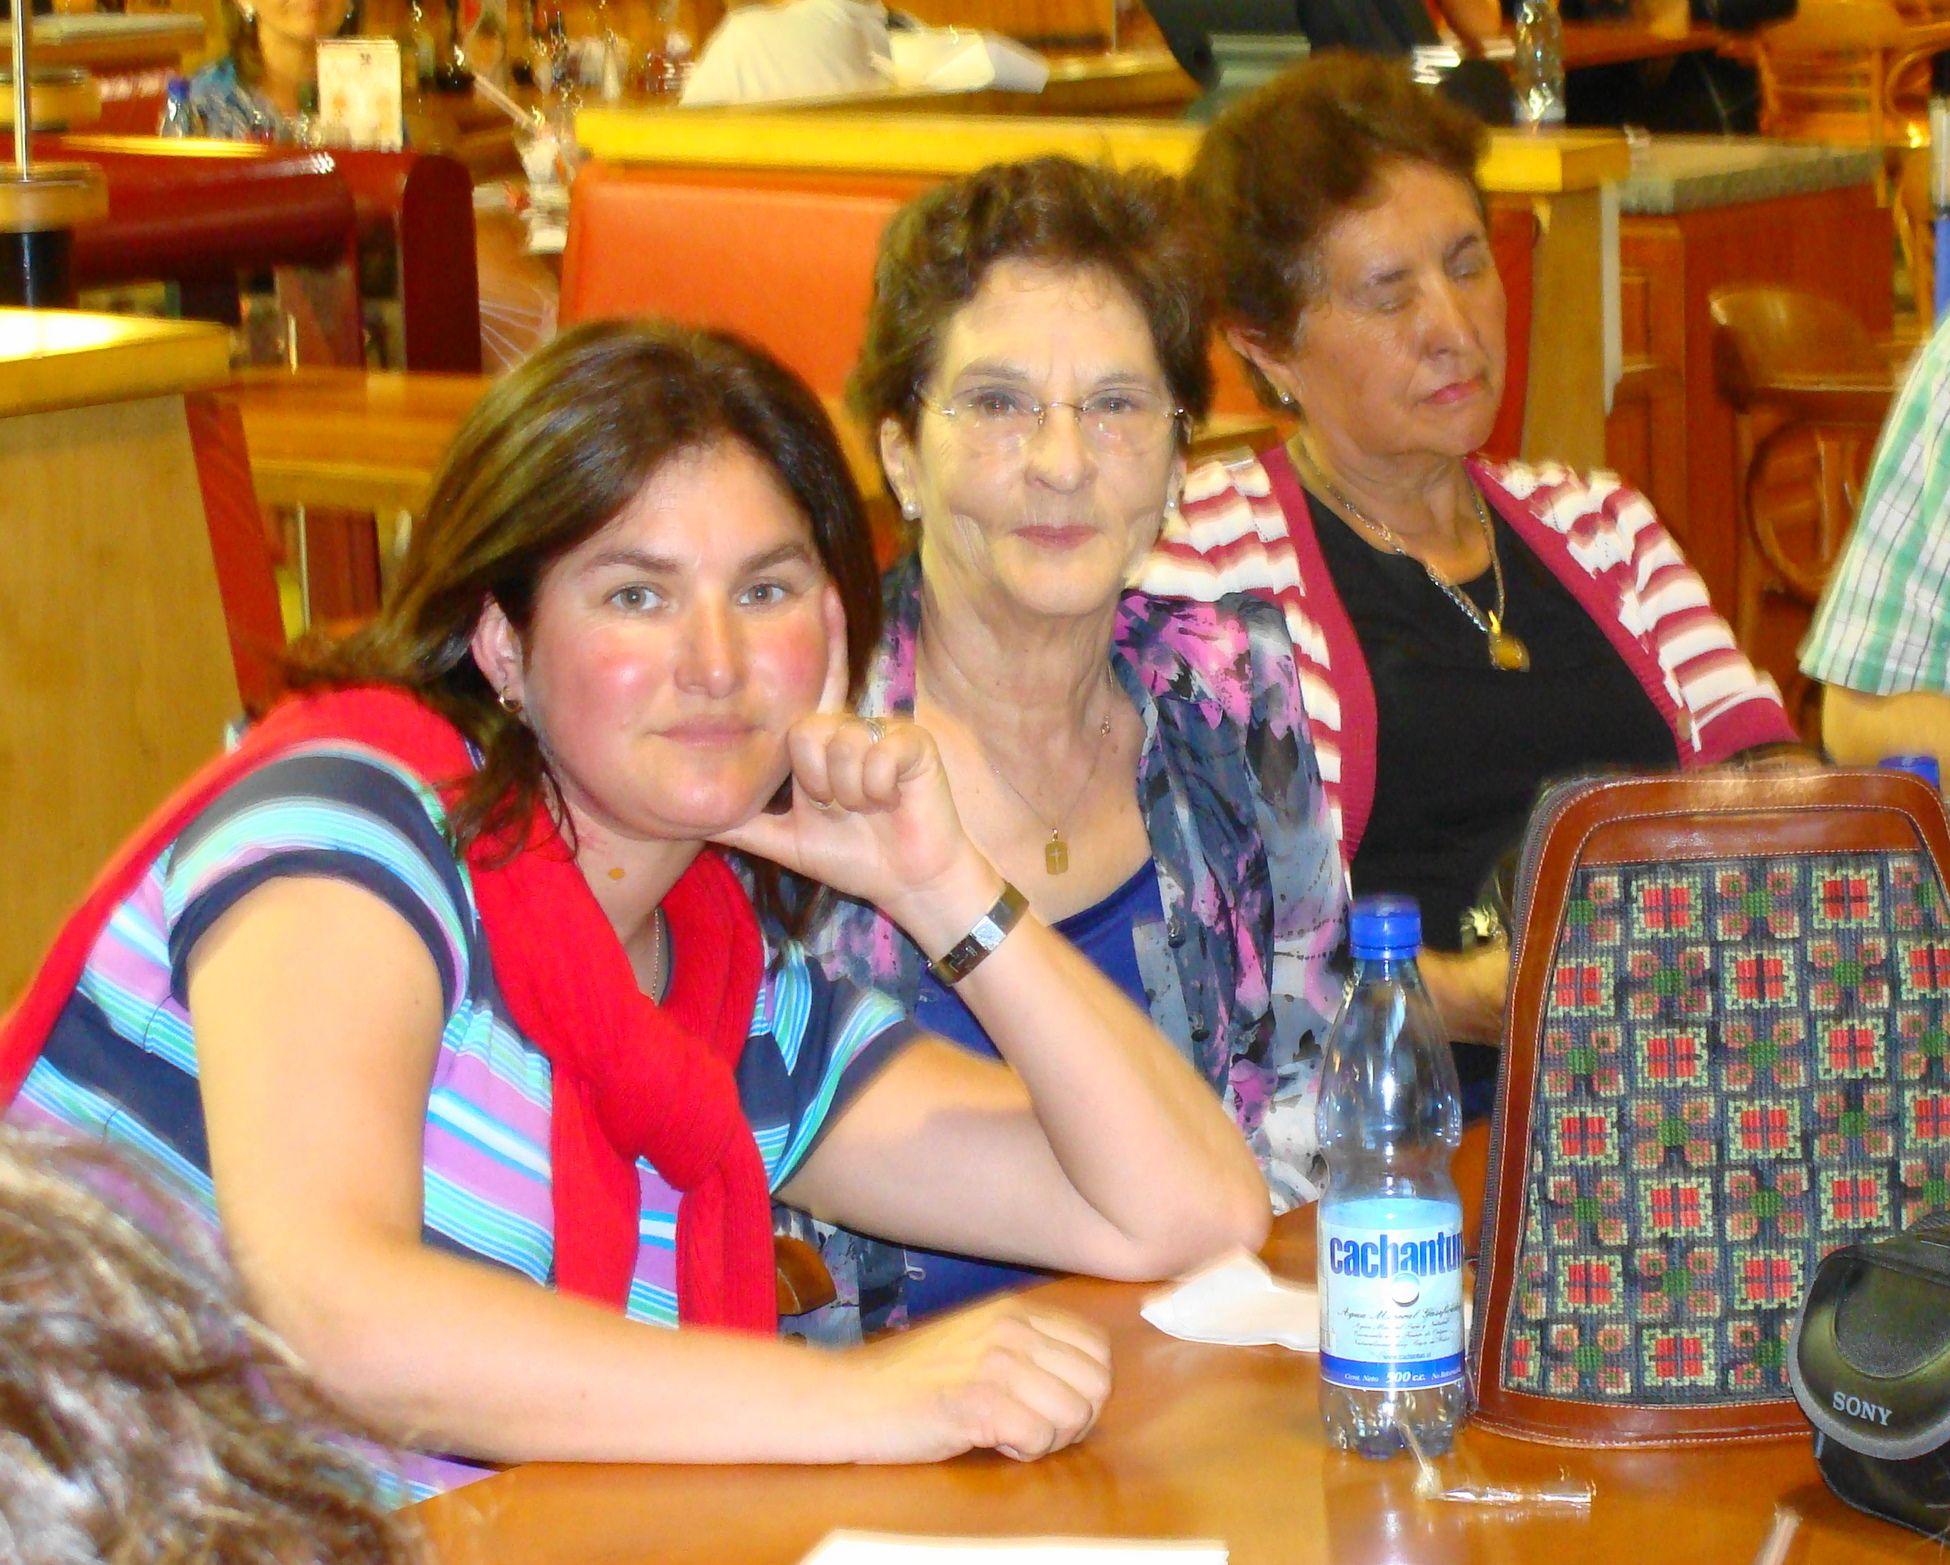 Aeropuerto Satgo Dic 2009. Con Vero y Lucy en la despedida.